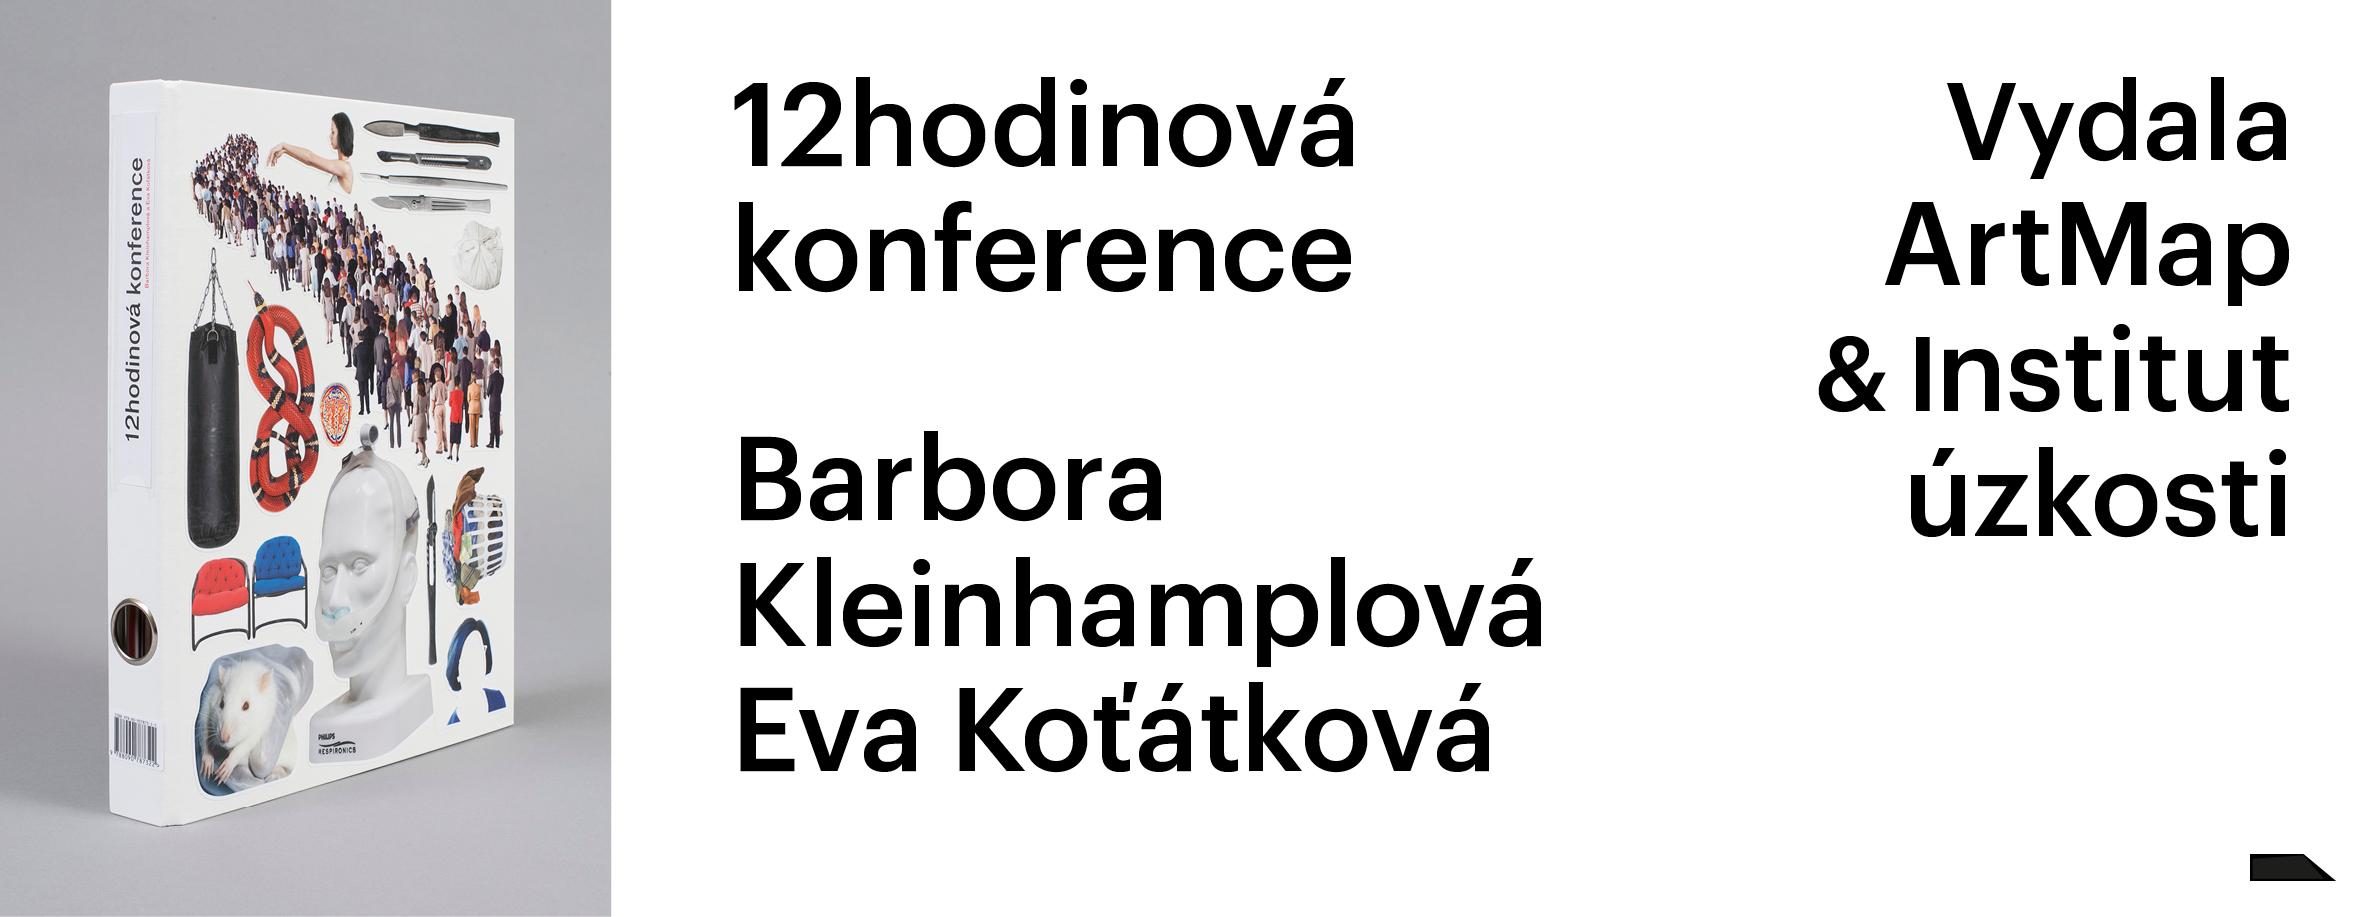 12hodinová konference